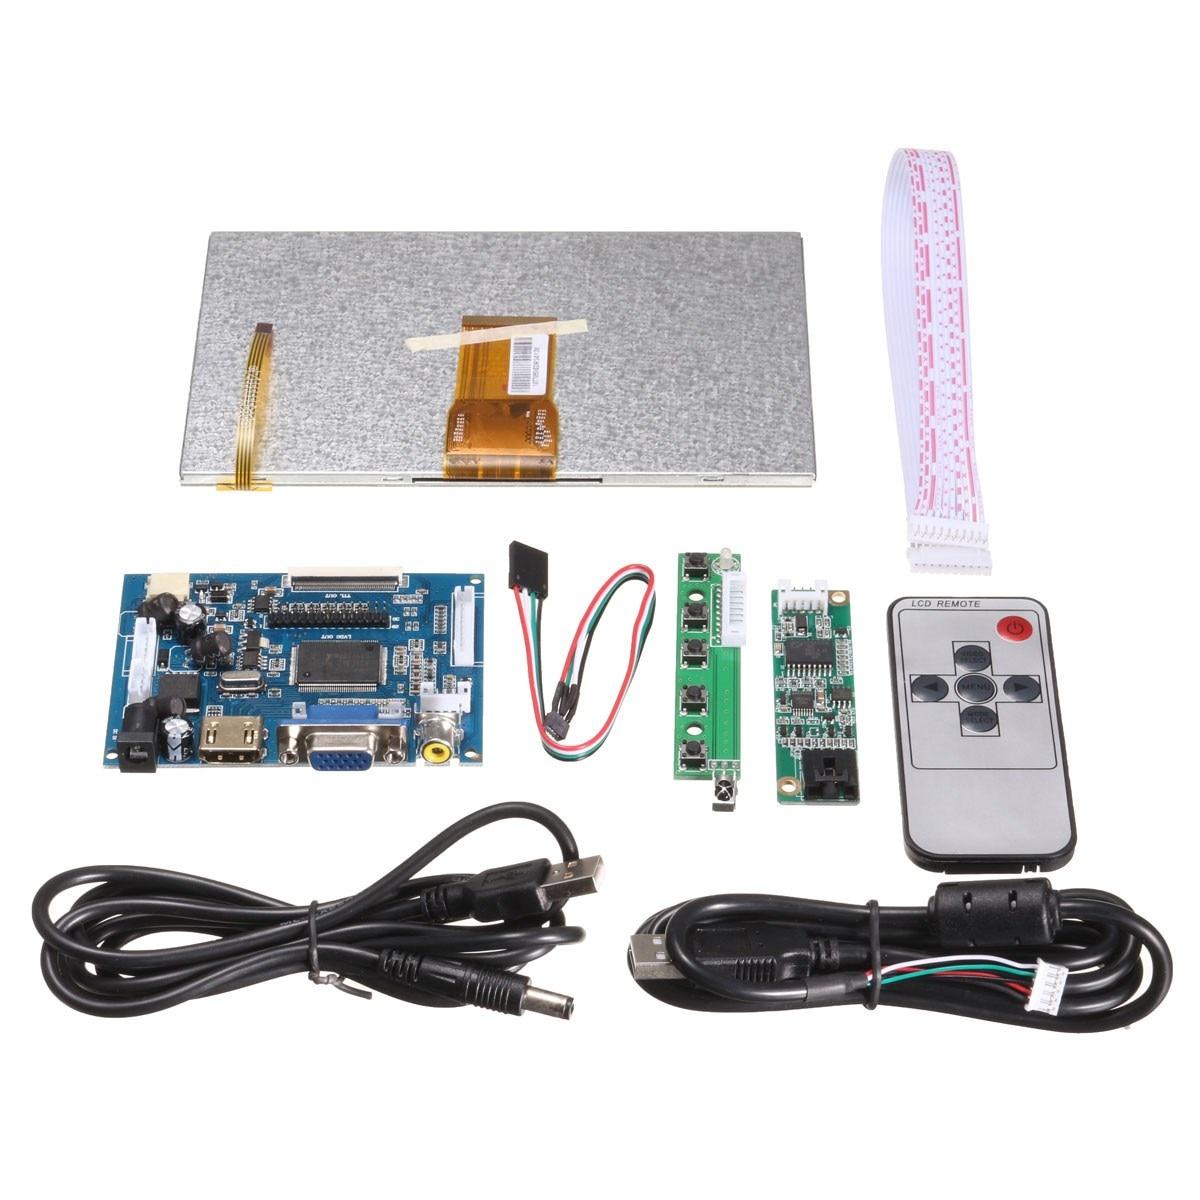 Новый 1 компл. Raspberry Pi 7 дюймов Raspberry Pi LCD сенсорный экран HDMI HD 1024x600 сенсорный ЖК драйвер платы с USB кабельной линии